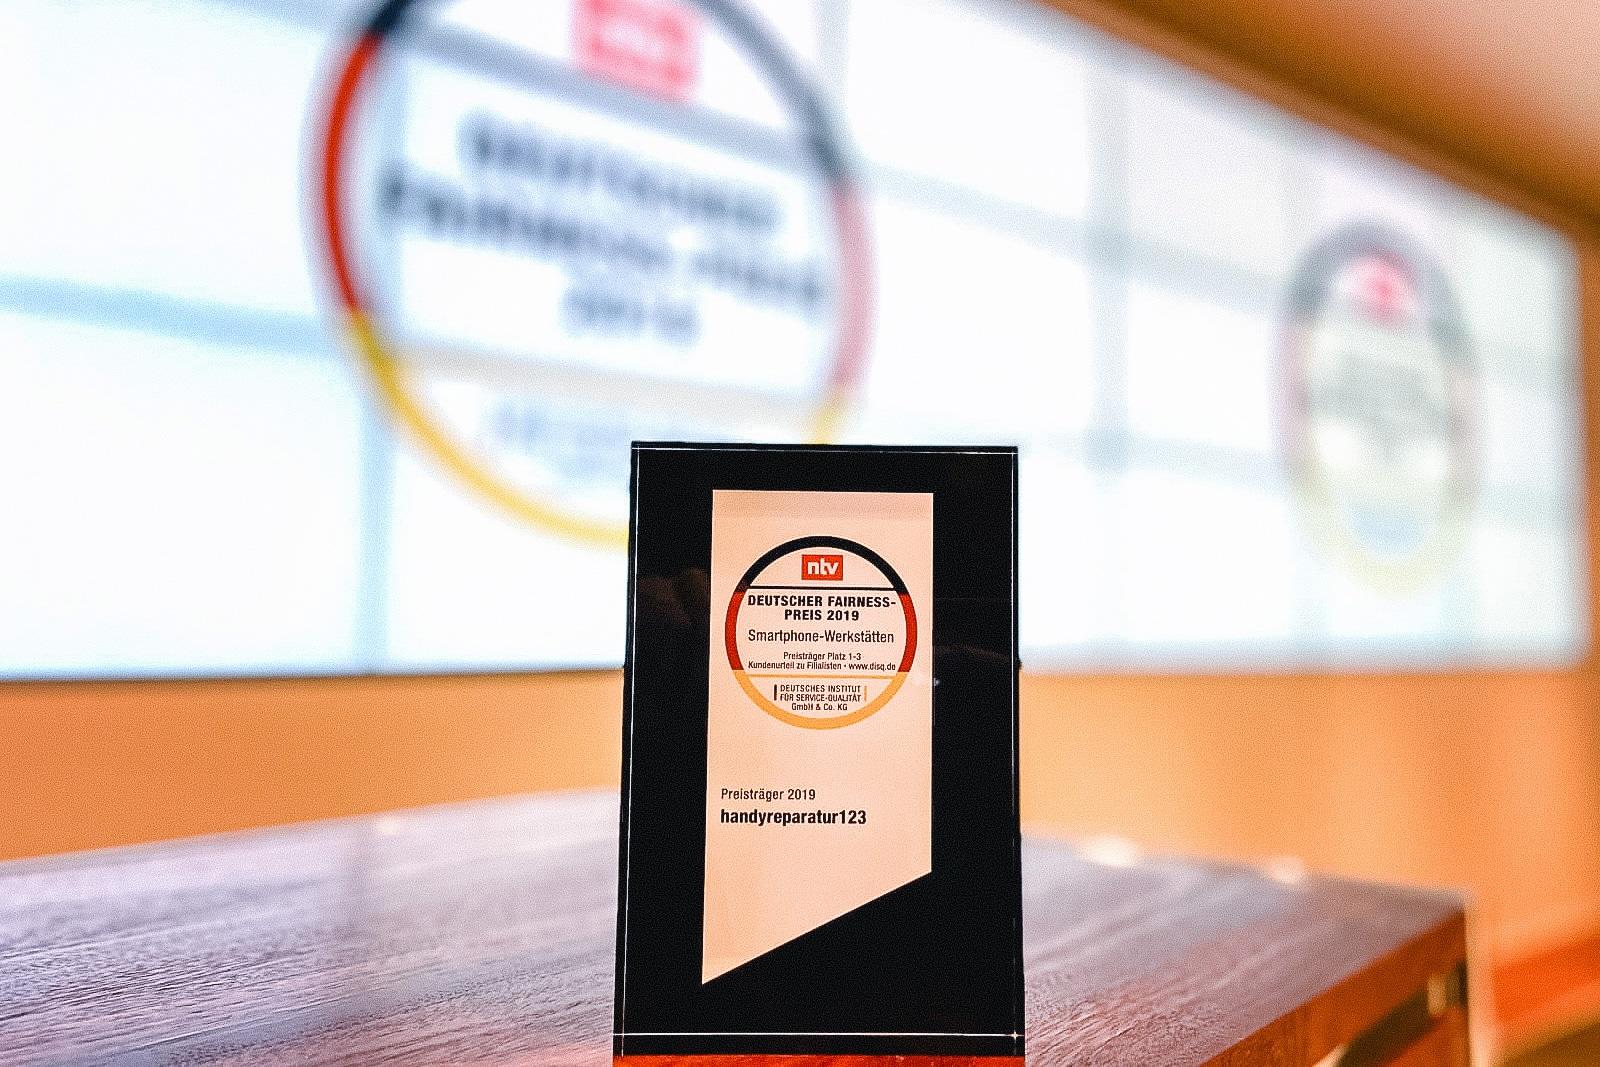 handyreparatur123 erneut mit Deutschem Fairness-Preis ausgezeichnet